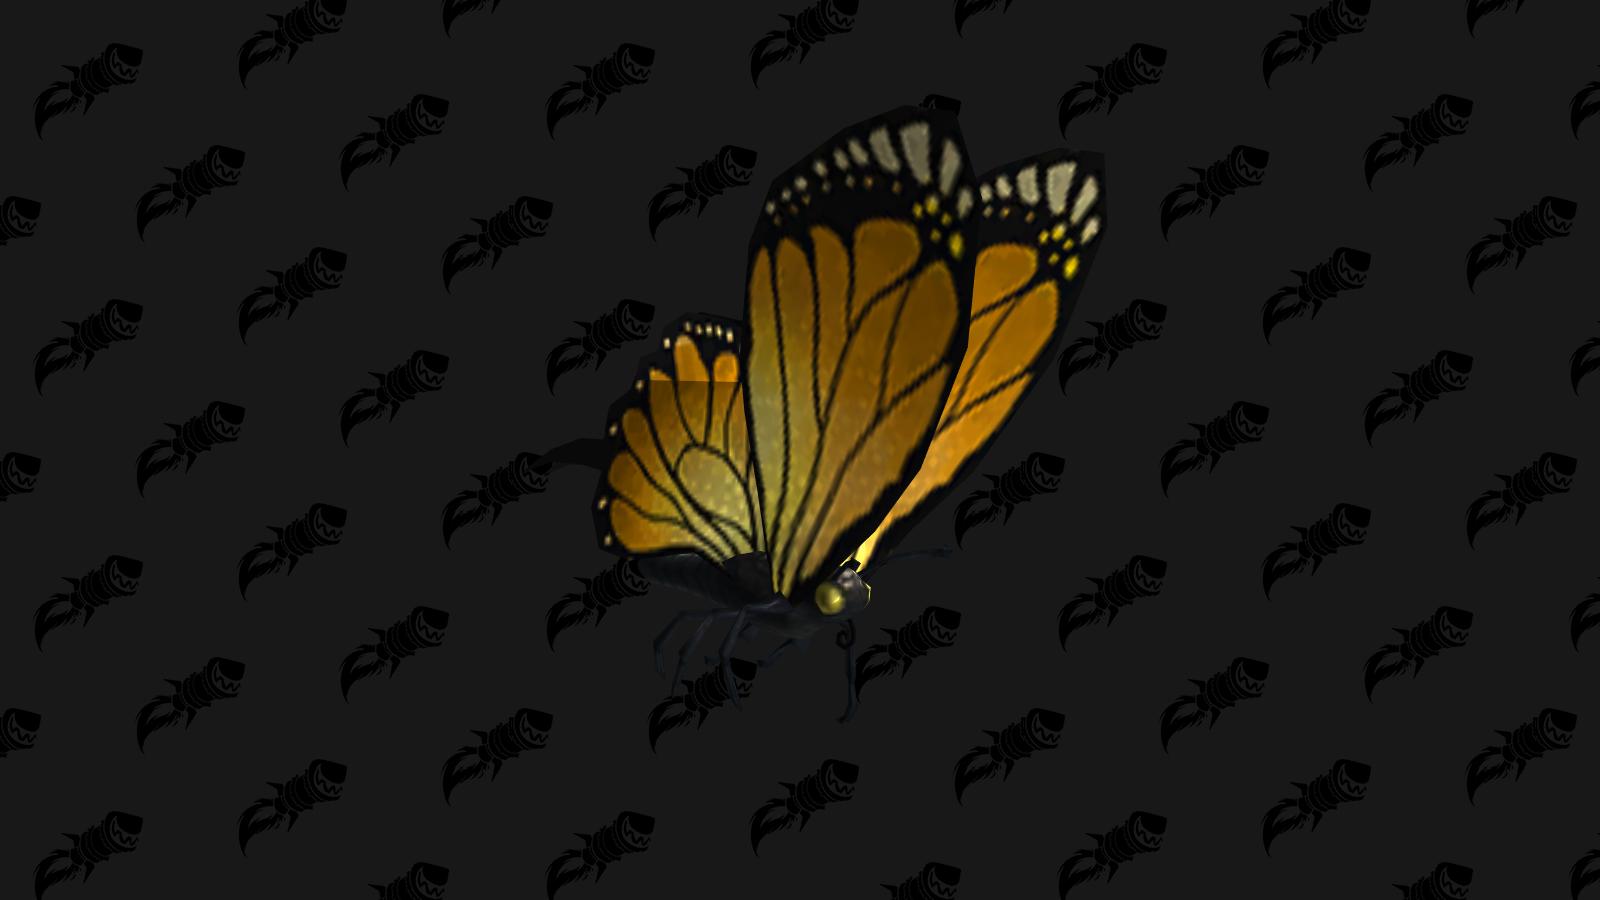 Papillonneur héliotrope, mascotte du patch 8.2.5